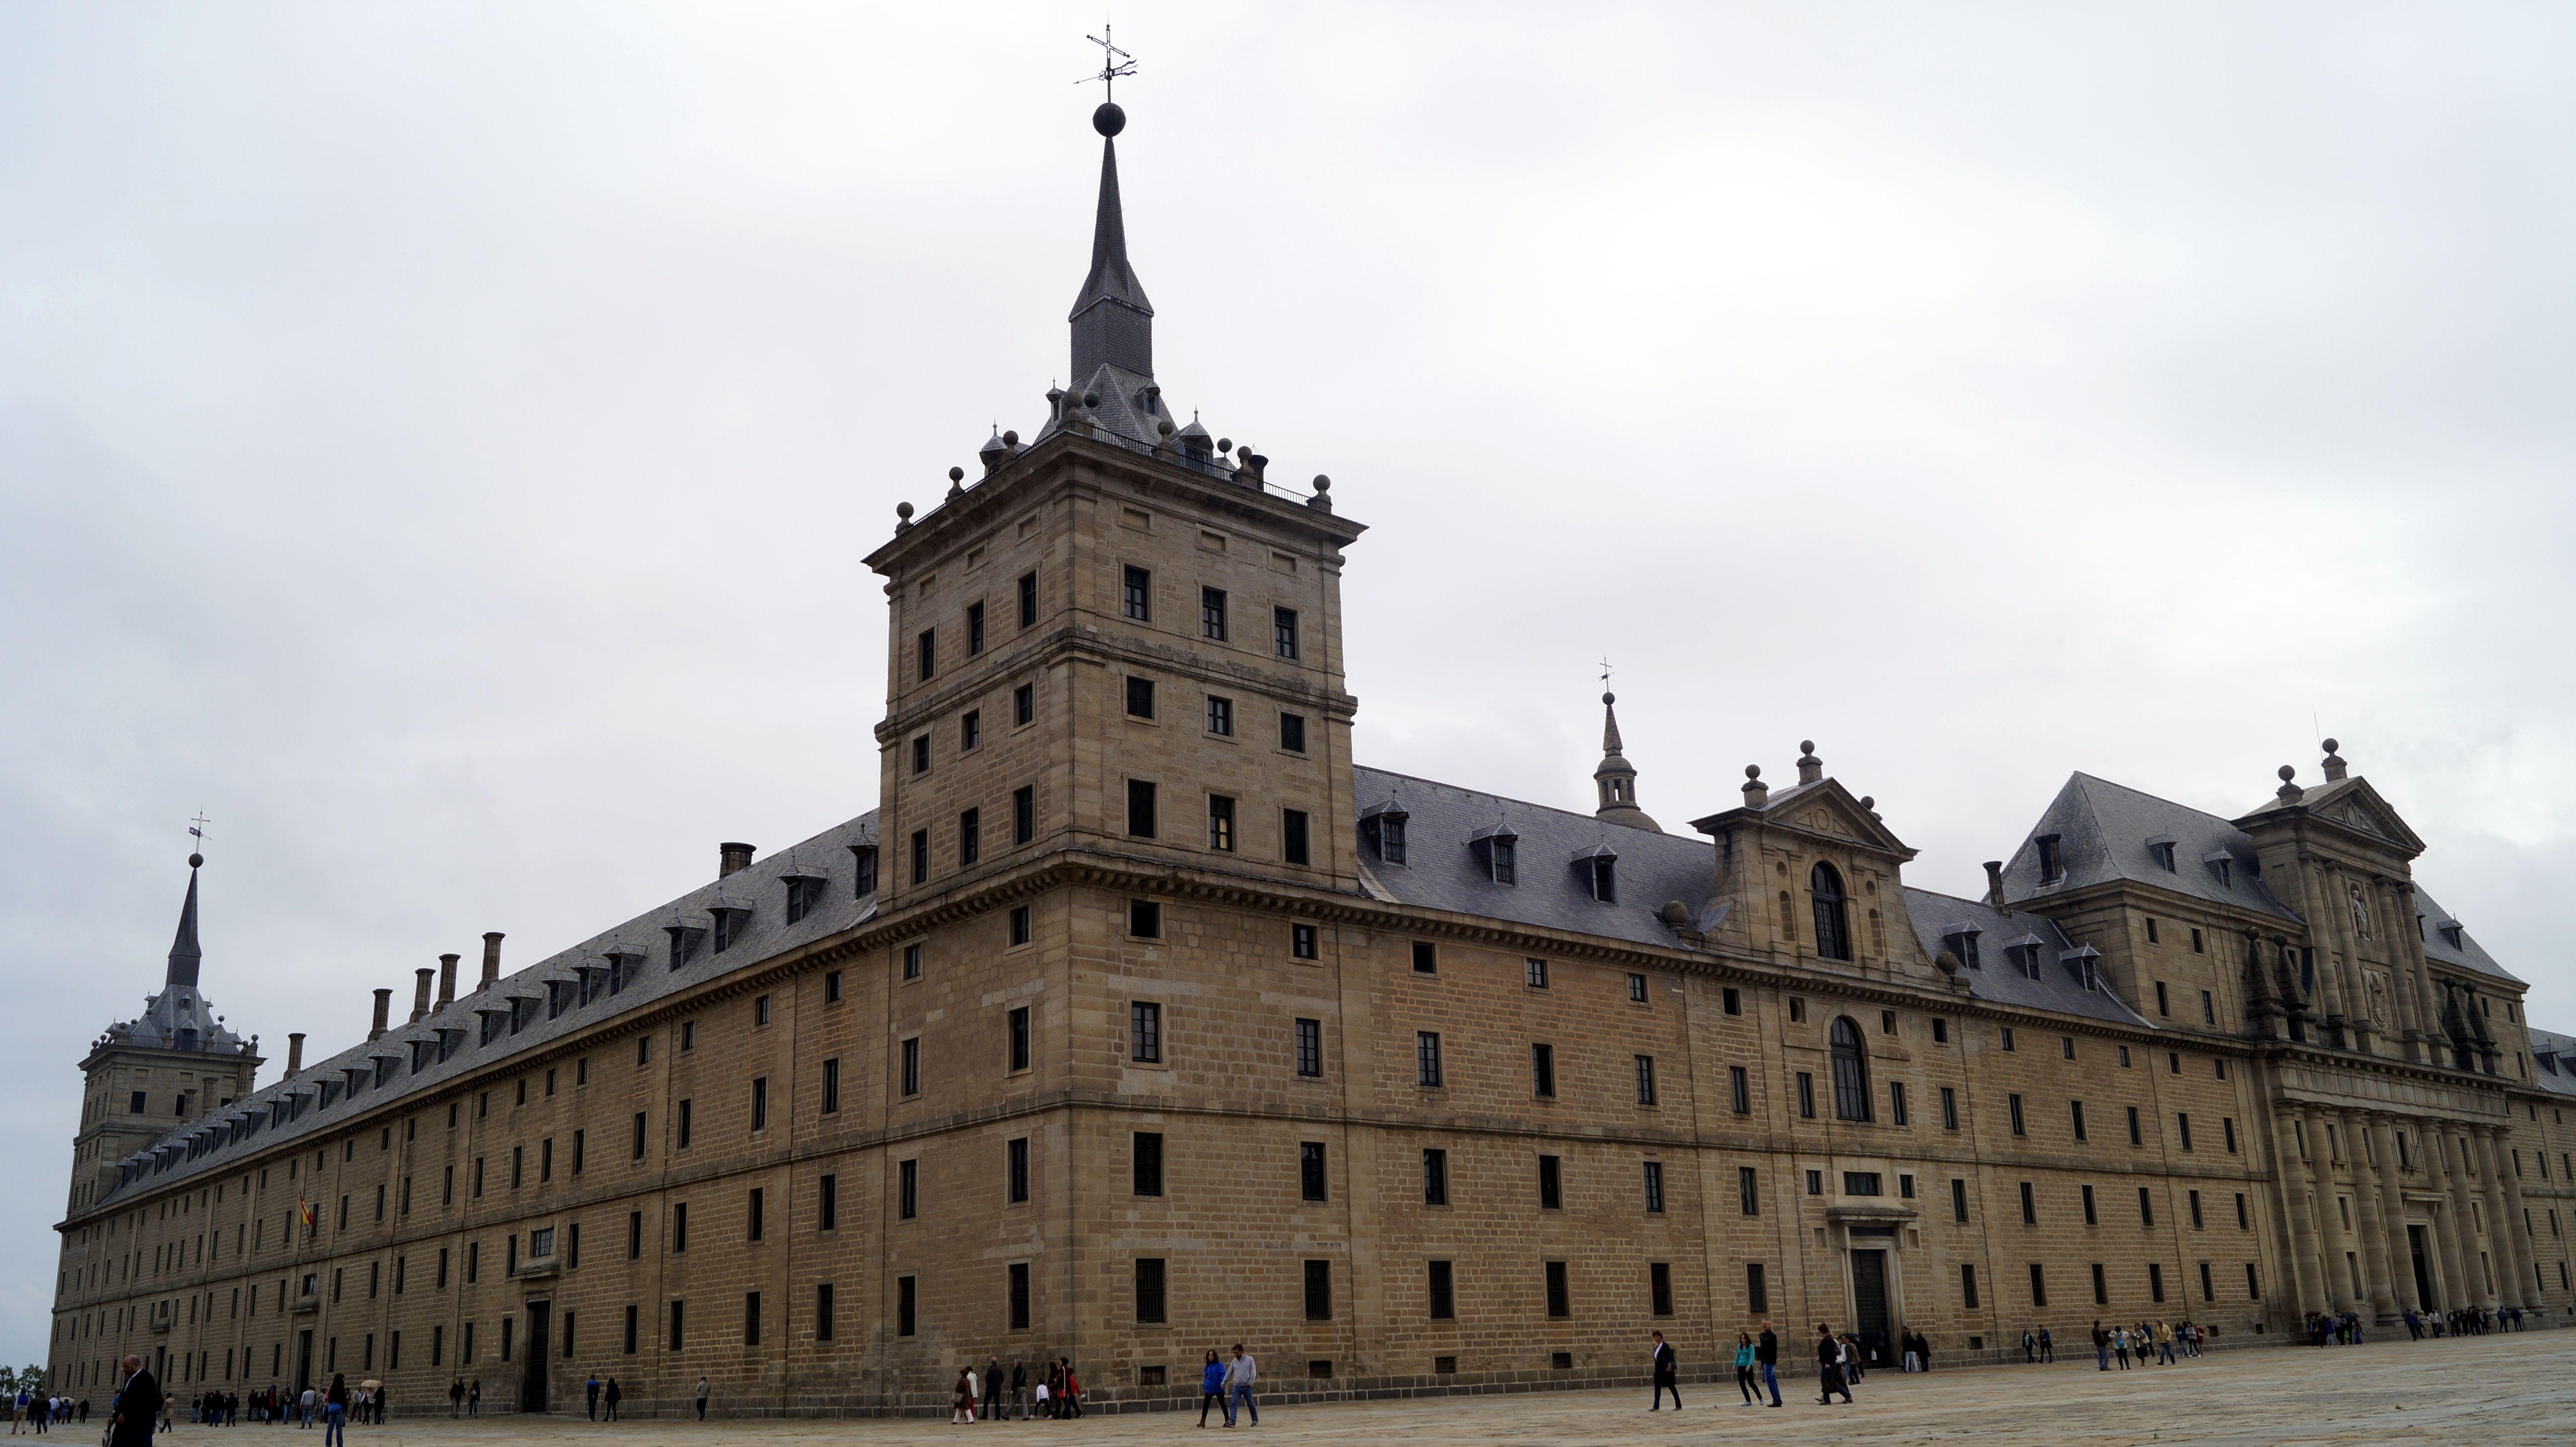 Ubicado A 40 Kilómetros De Madrid El Real Sitio De San Lorenzo De El Escorial Es Un Monumento Patrimonio De La Humanidad Felipe Ii Fi Landmarks Louvre Travel